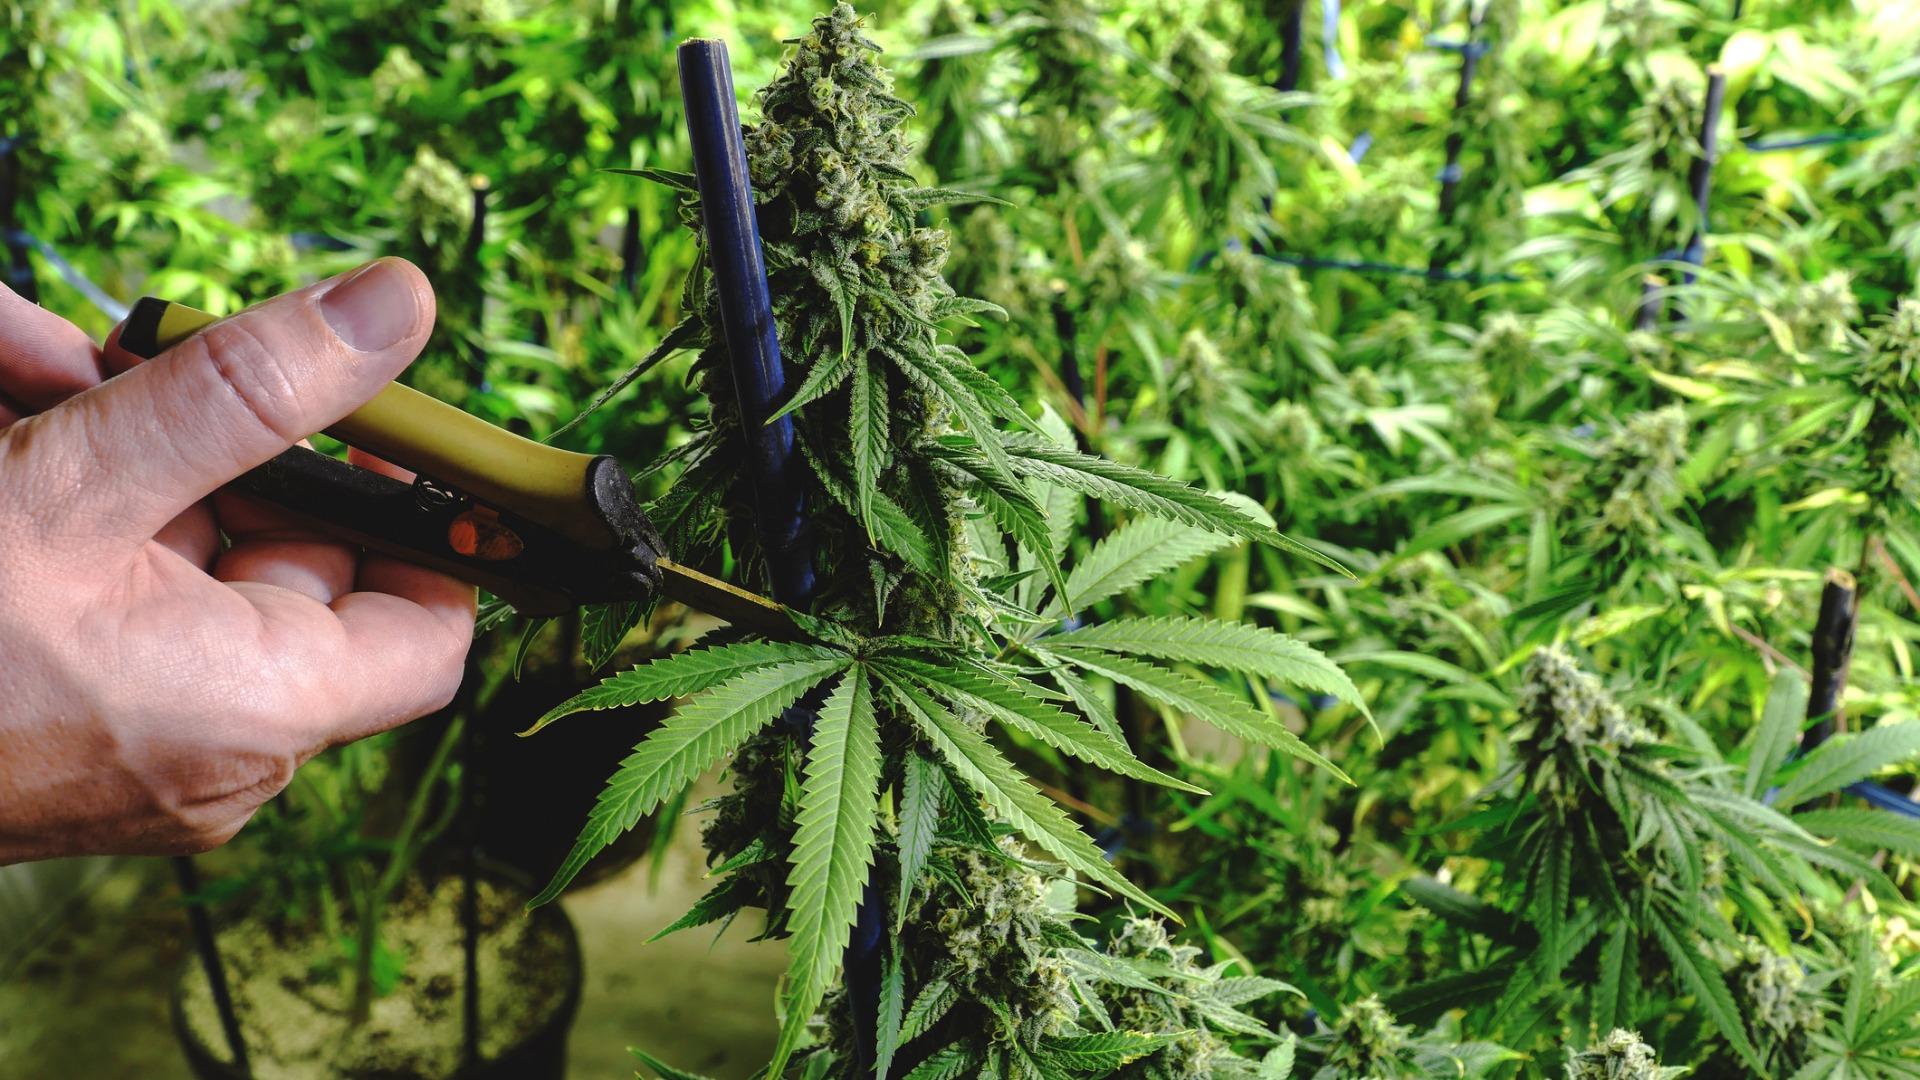 Cannabis Defoliation